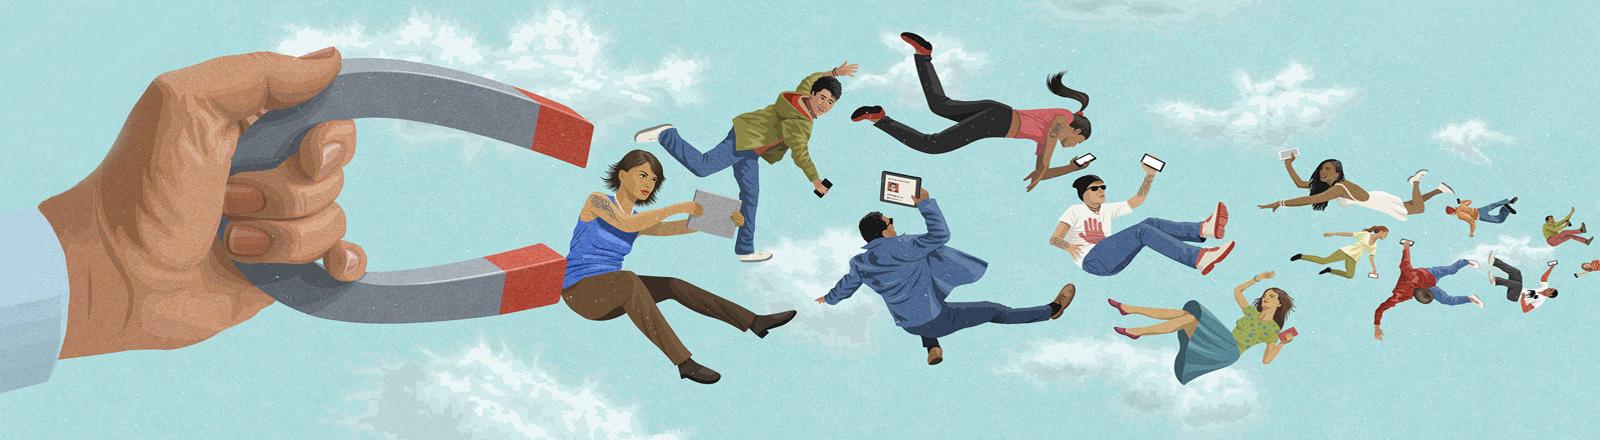 Illustration: Magnet zieht junge Menschen mit portablen Geräten an